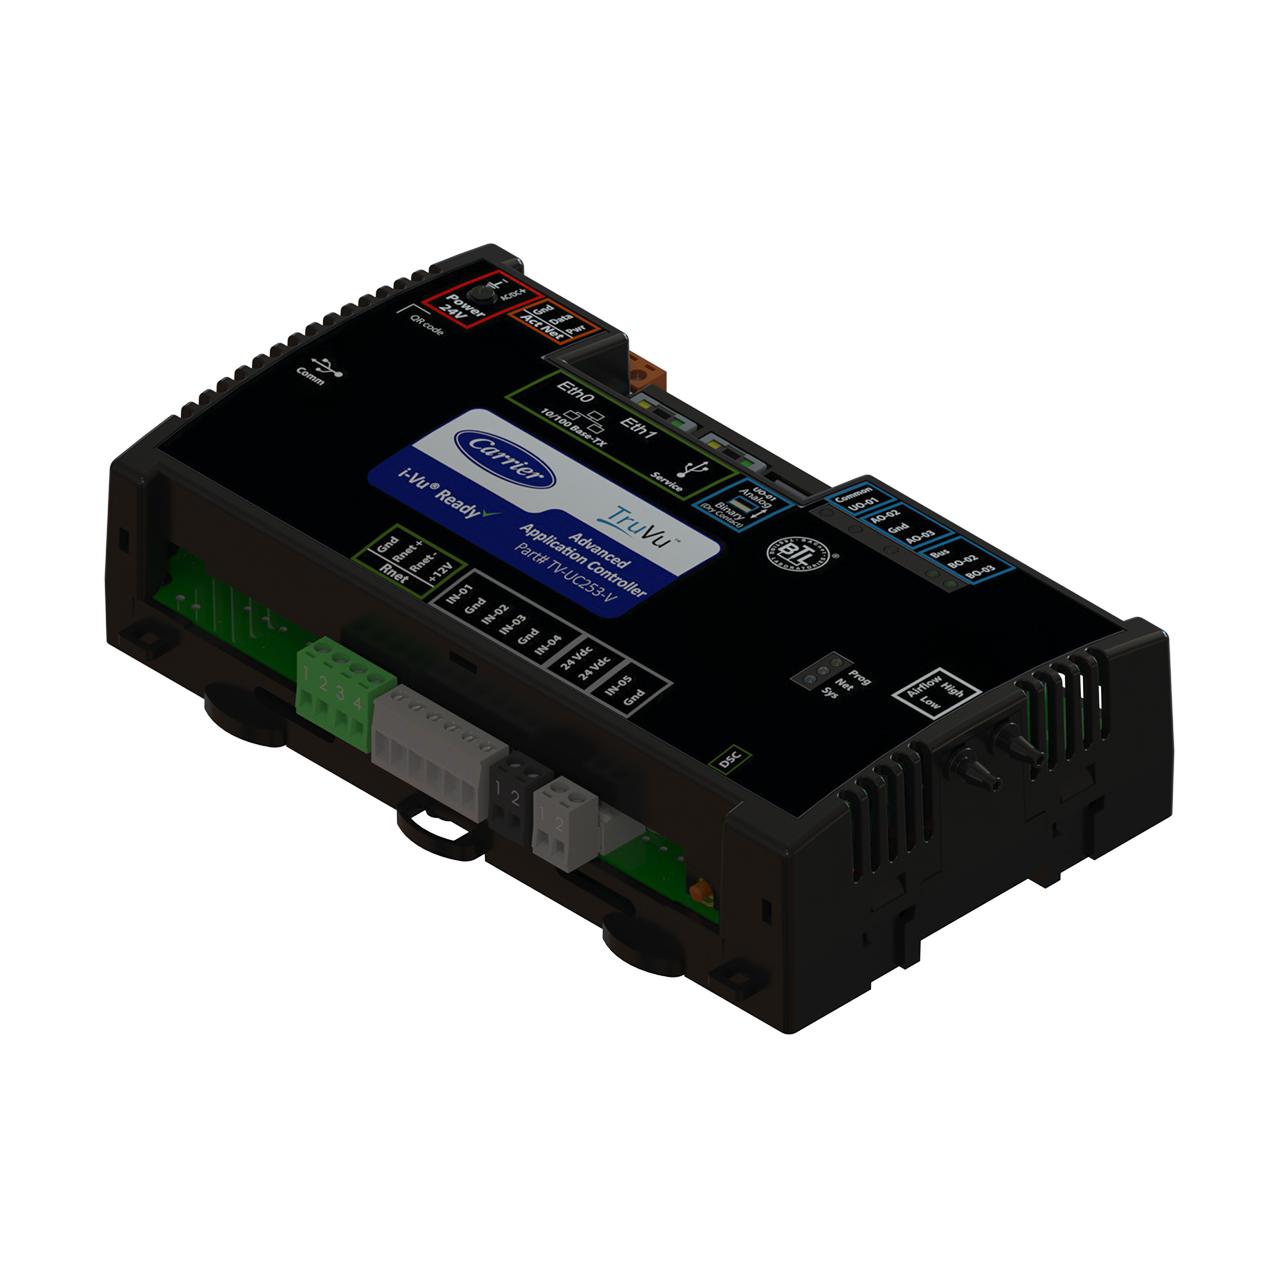 carrier-TV-UC253-V-TOP-truvu-controller